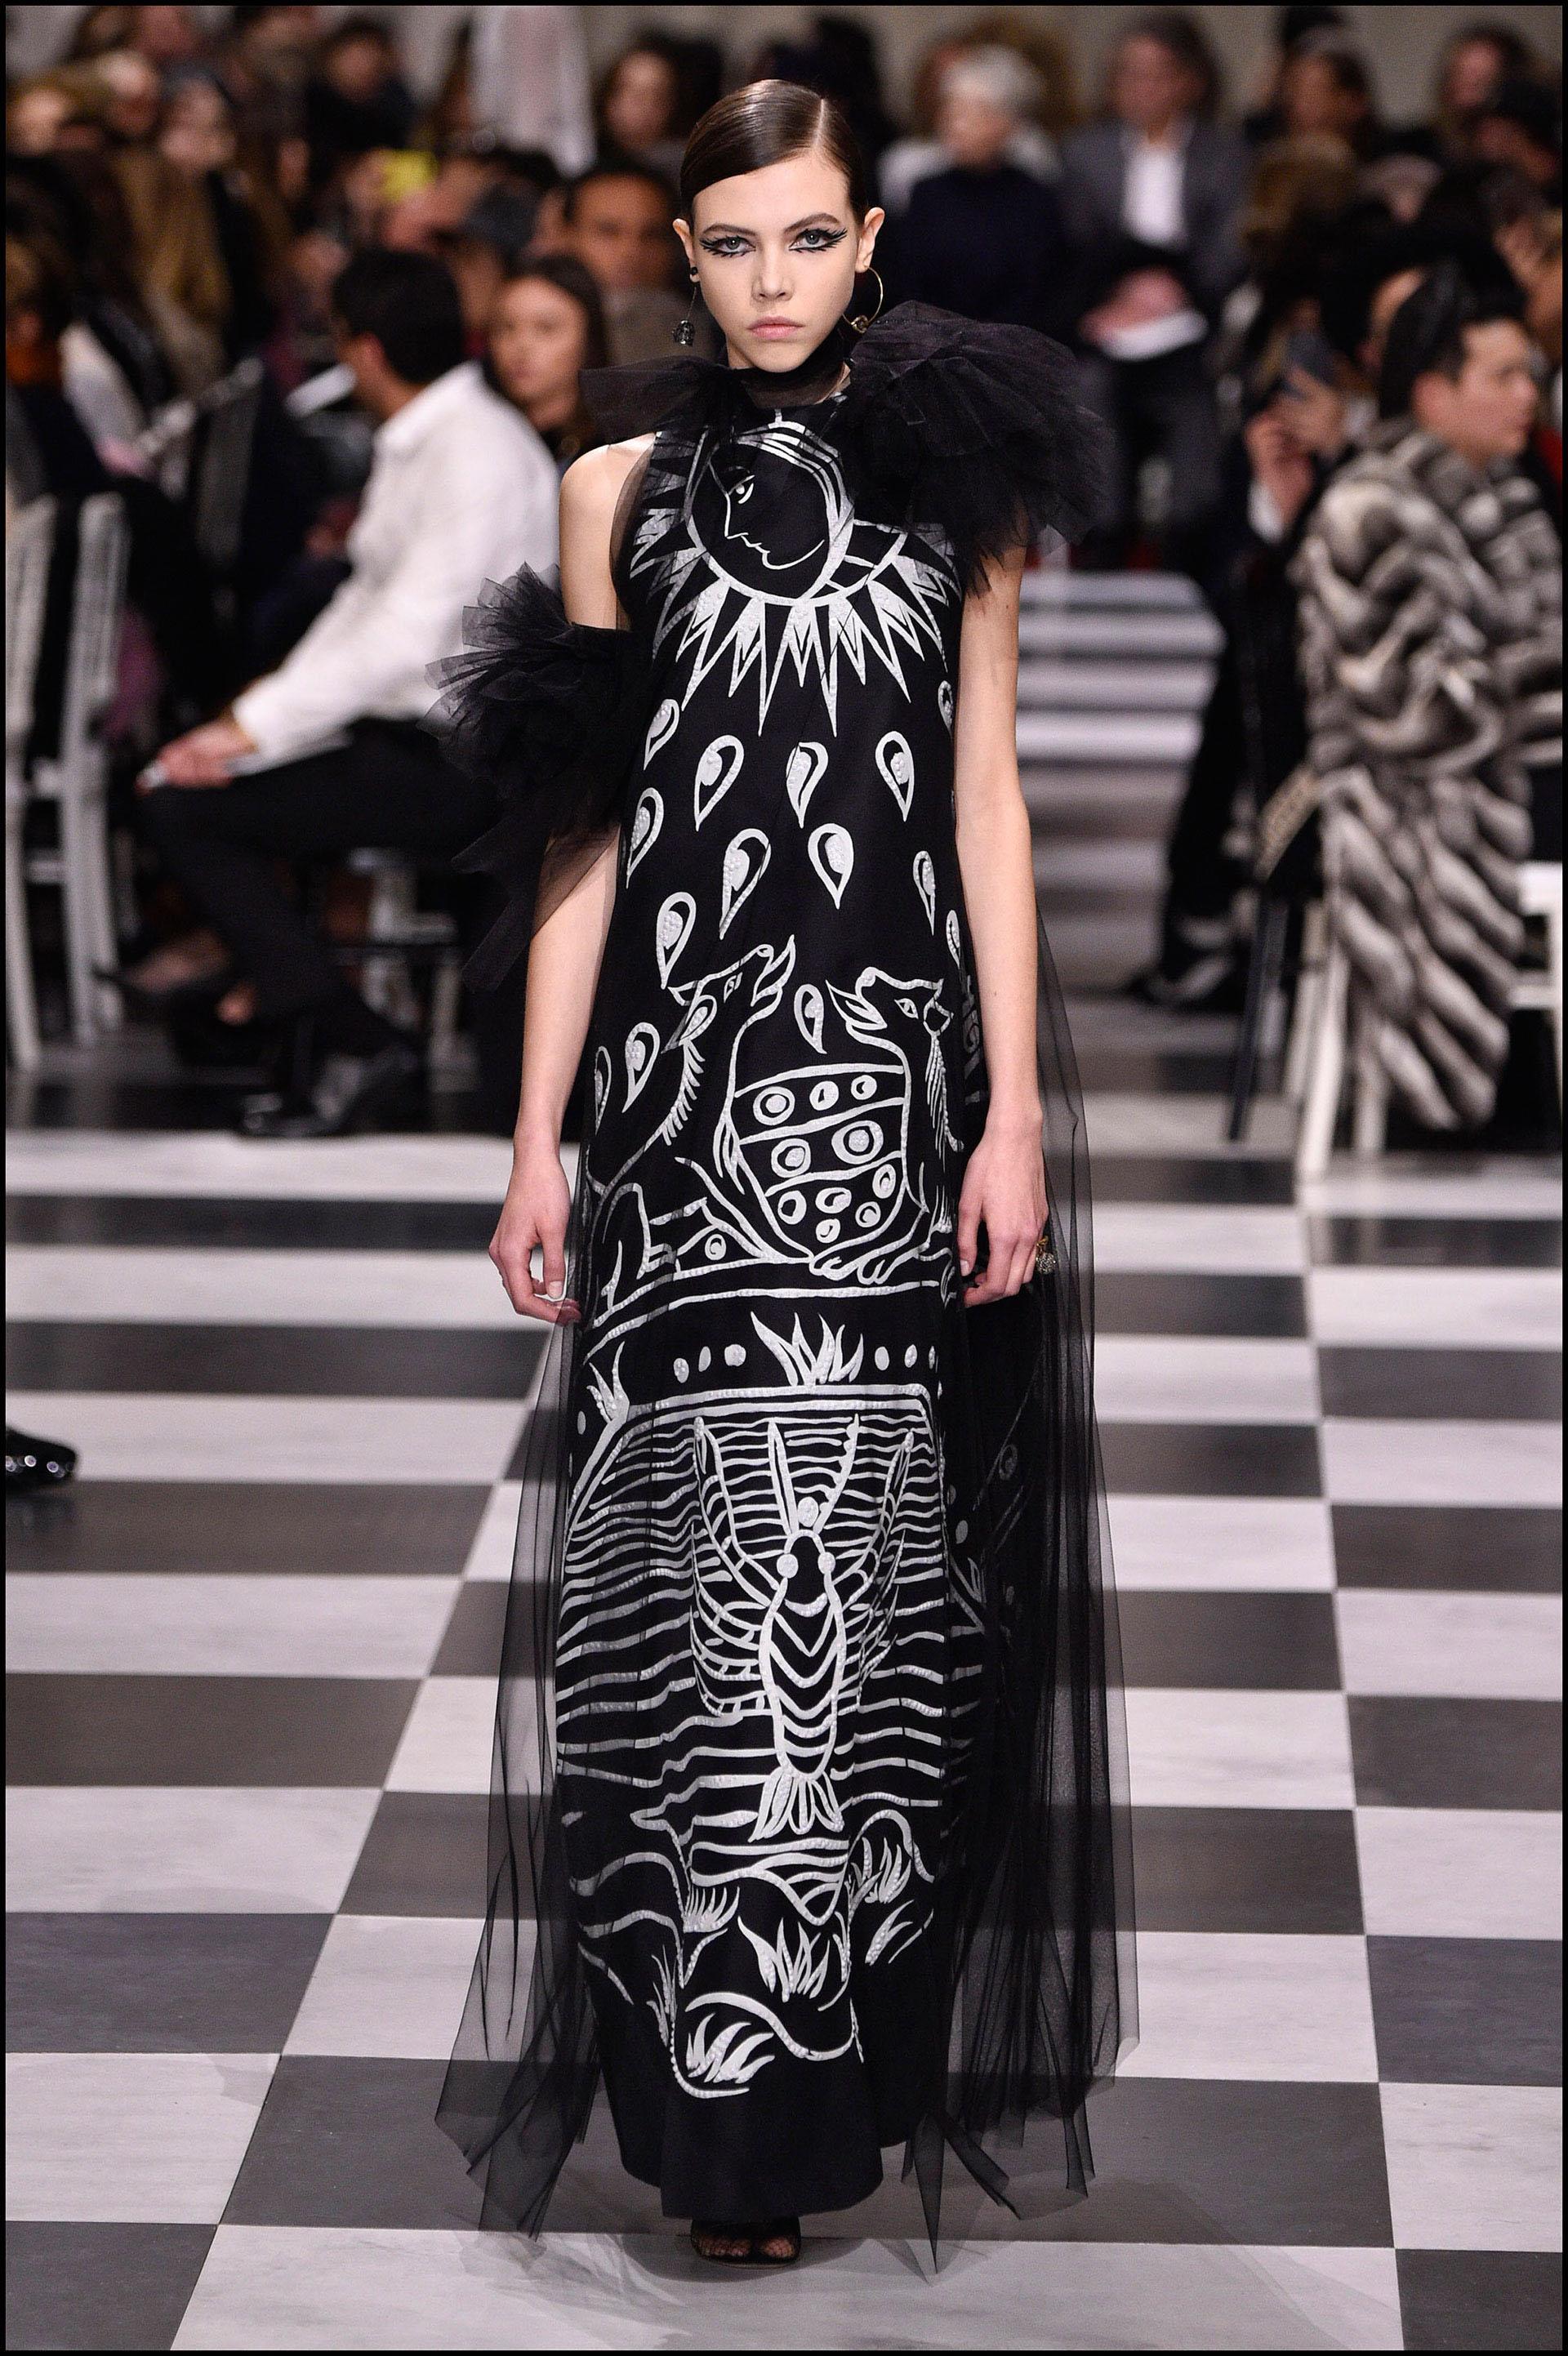 Vestido largo negro con estampado blanco que hace referencia al tarot y la astrología.